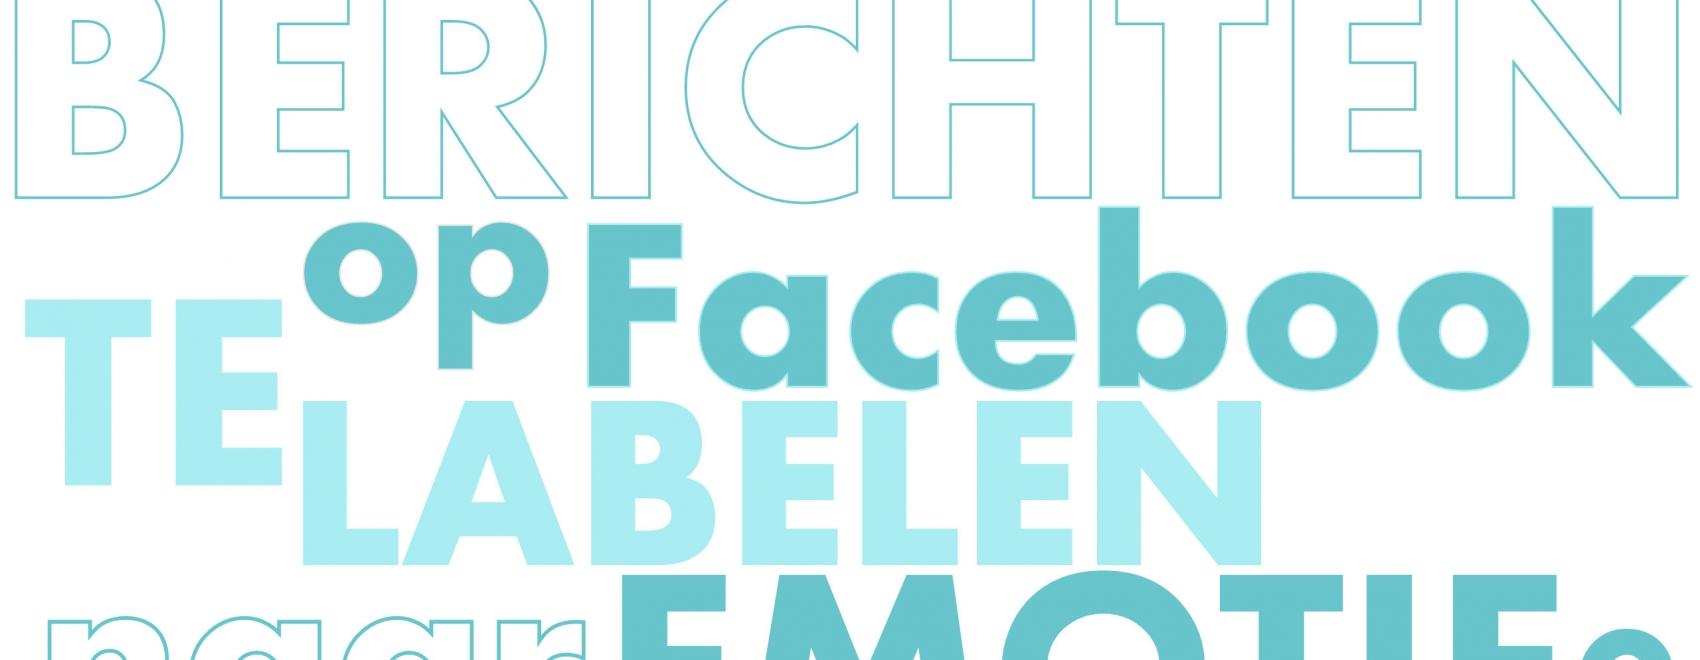 Zou het nuttig kunnenn zijn berichten op sociale media als Facebook te labelen naar emotie?